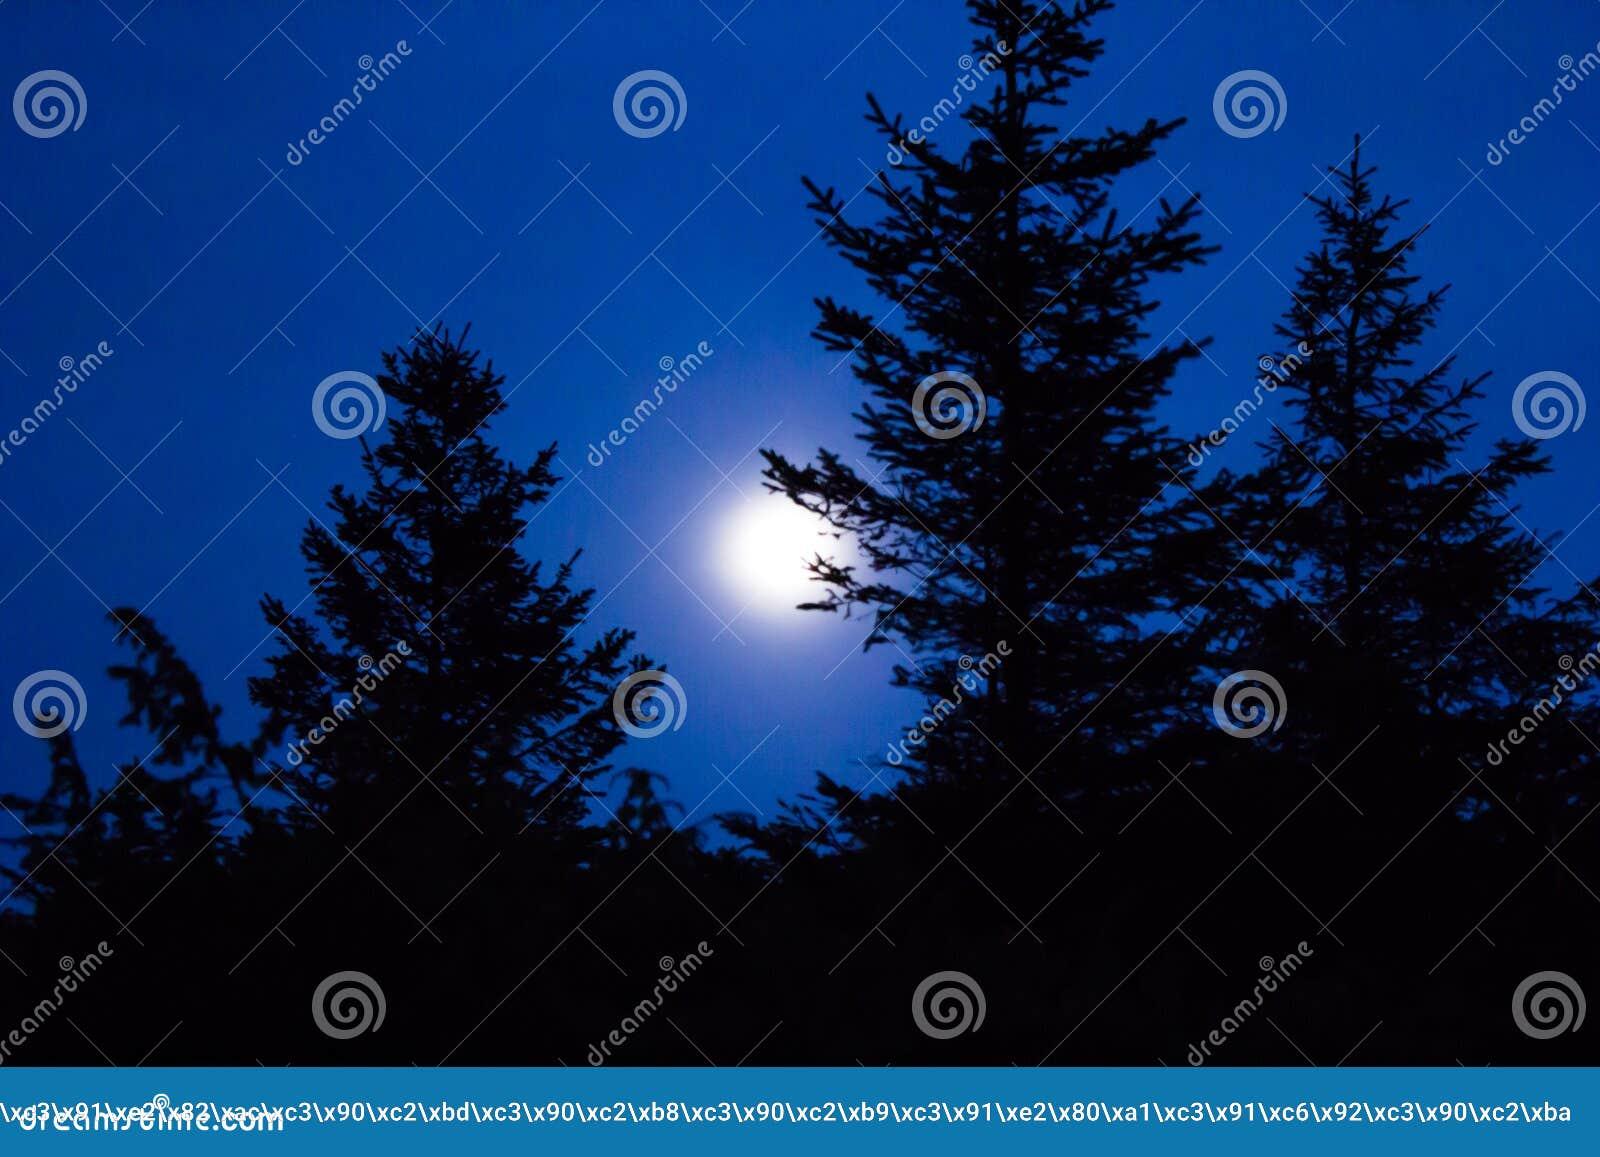 Download Silhouette D'arbre Contre Le Ciel Nocturne Et La Pleine Lune Image stock - Image du galaxie, côte: 63079907